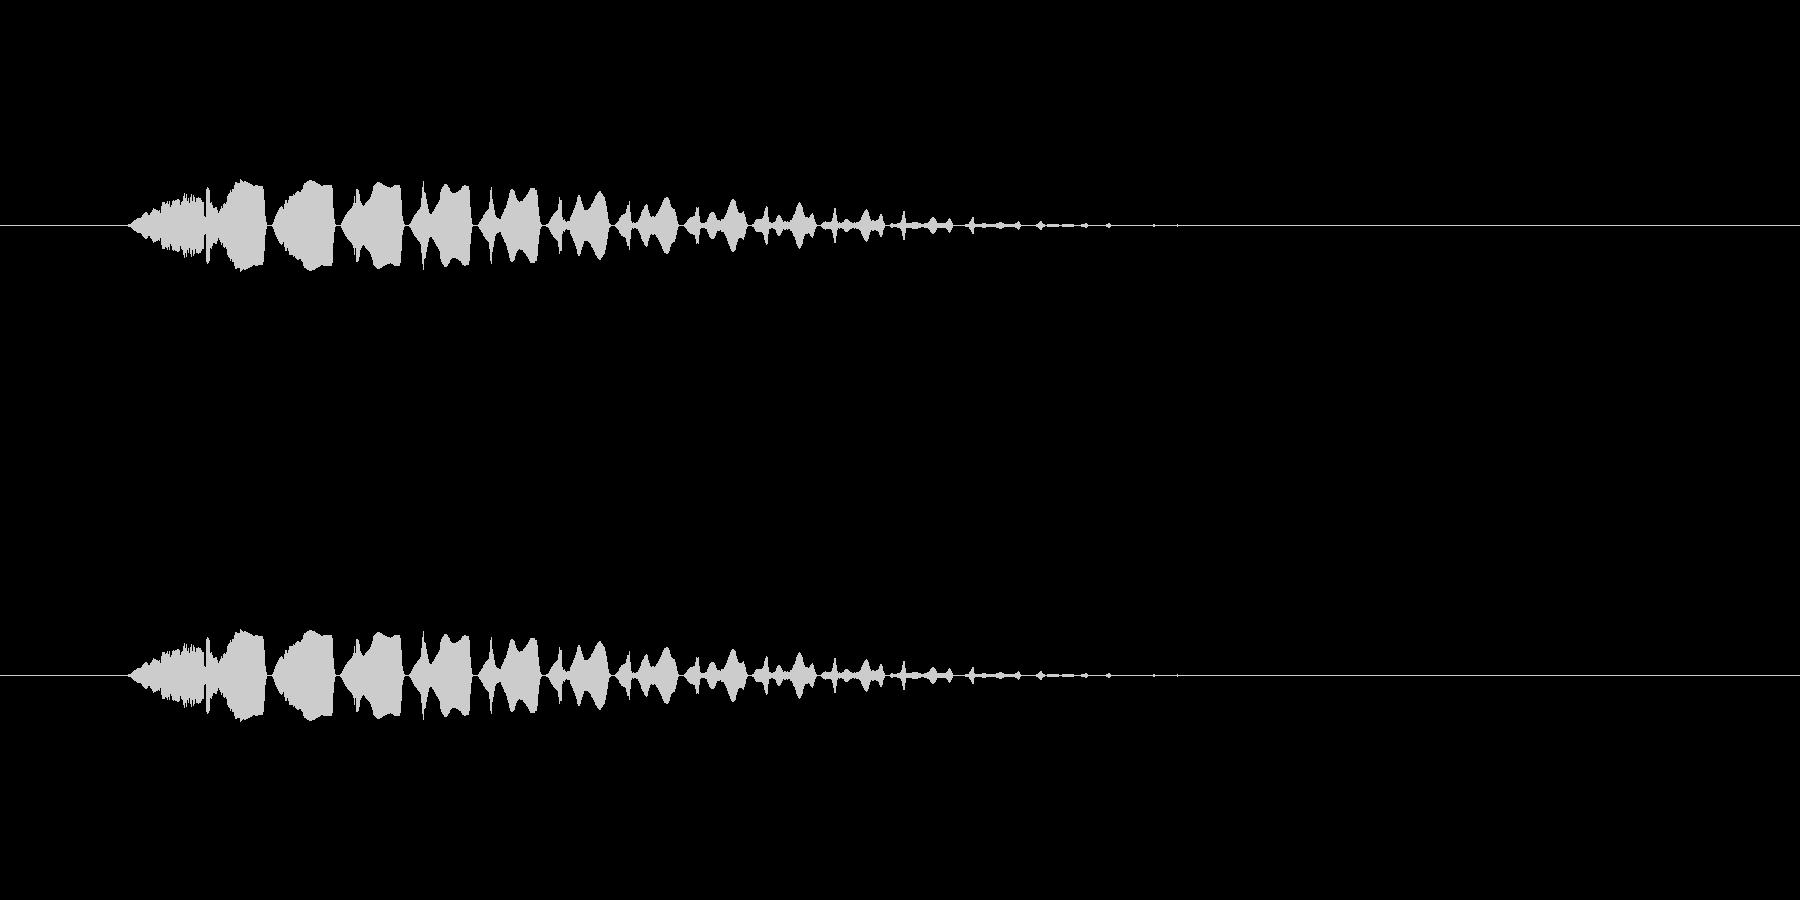 【ポップモーション37-2】の未再生の波形